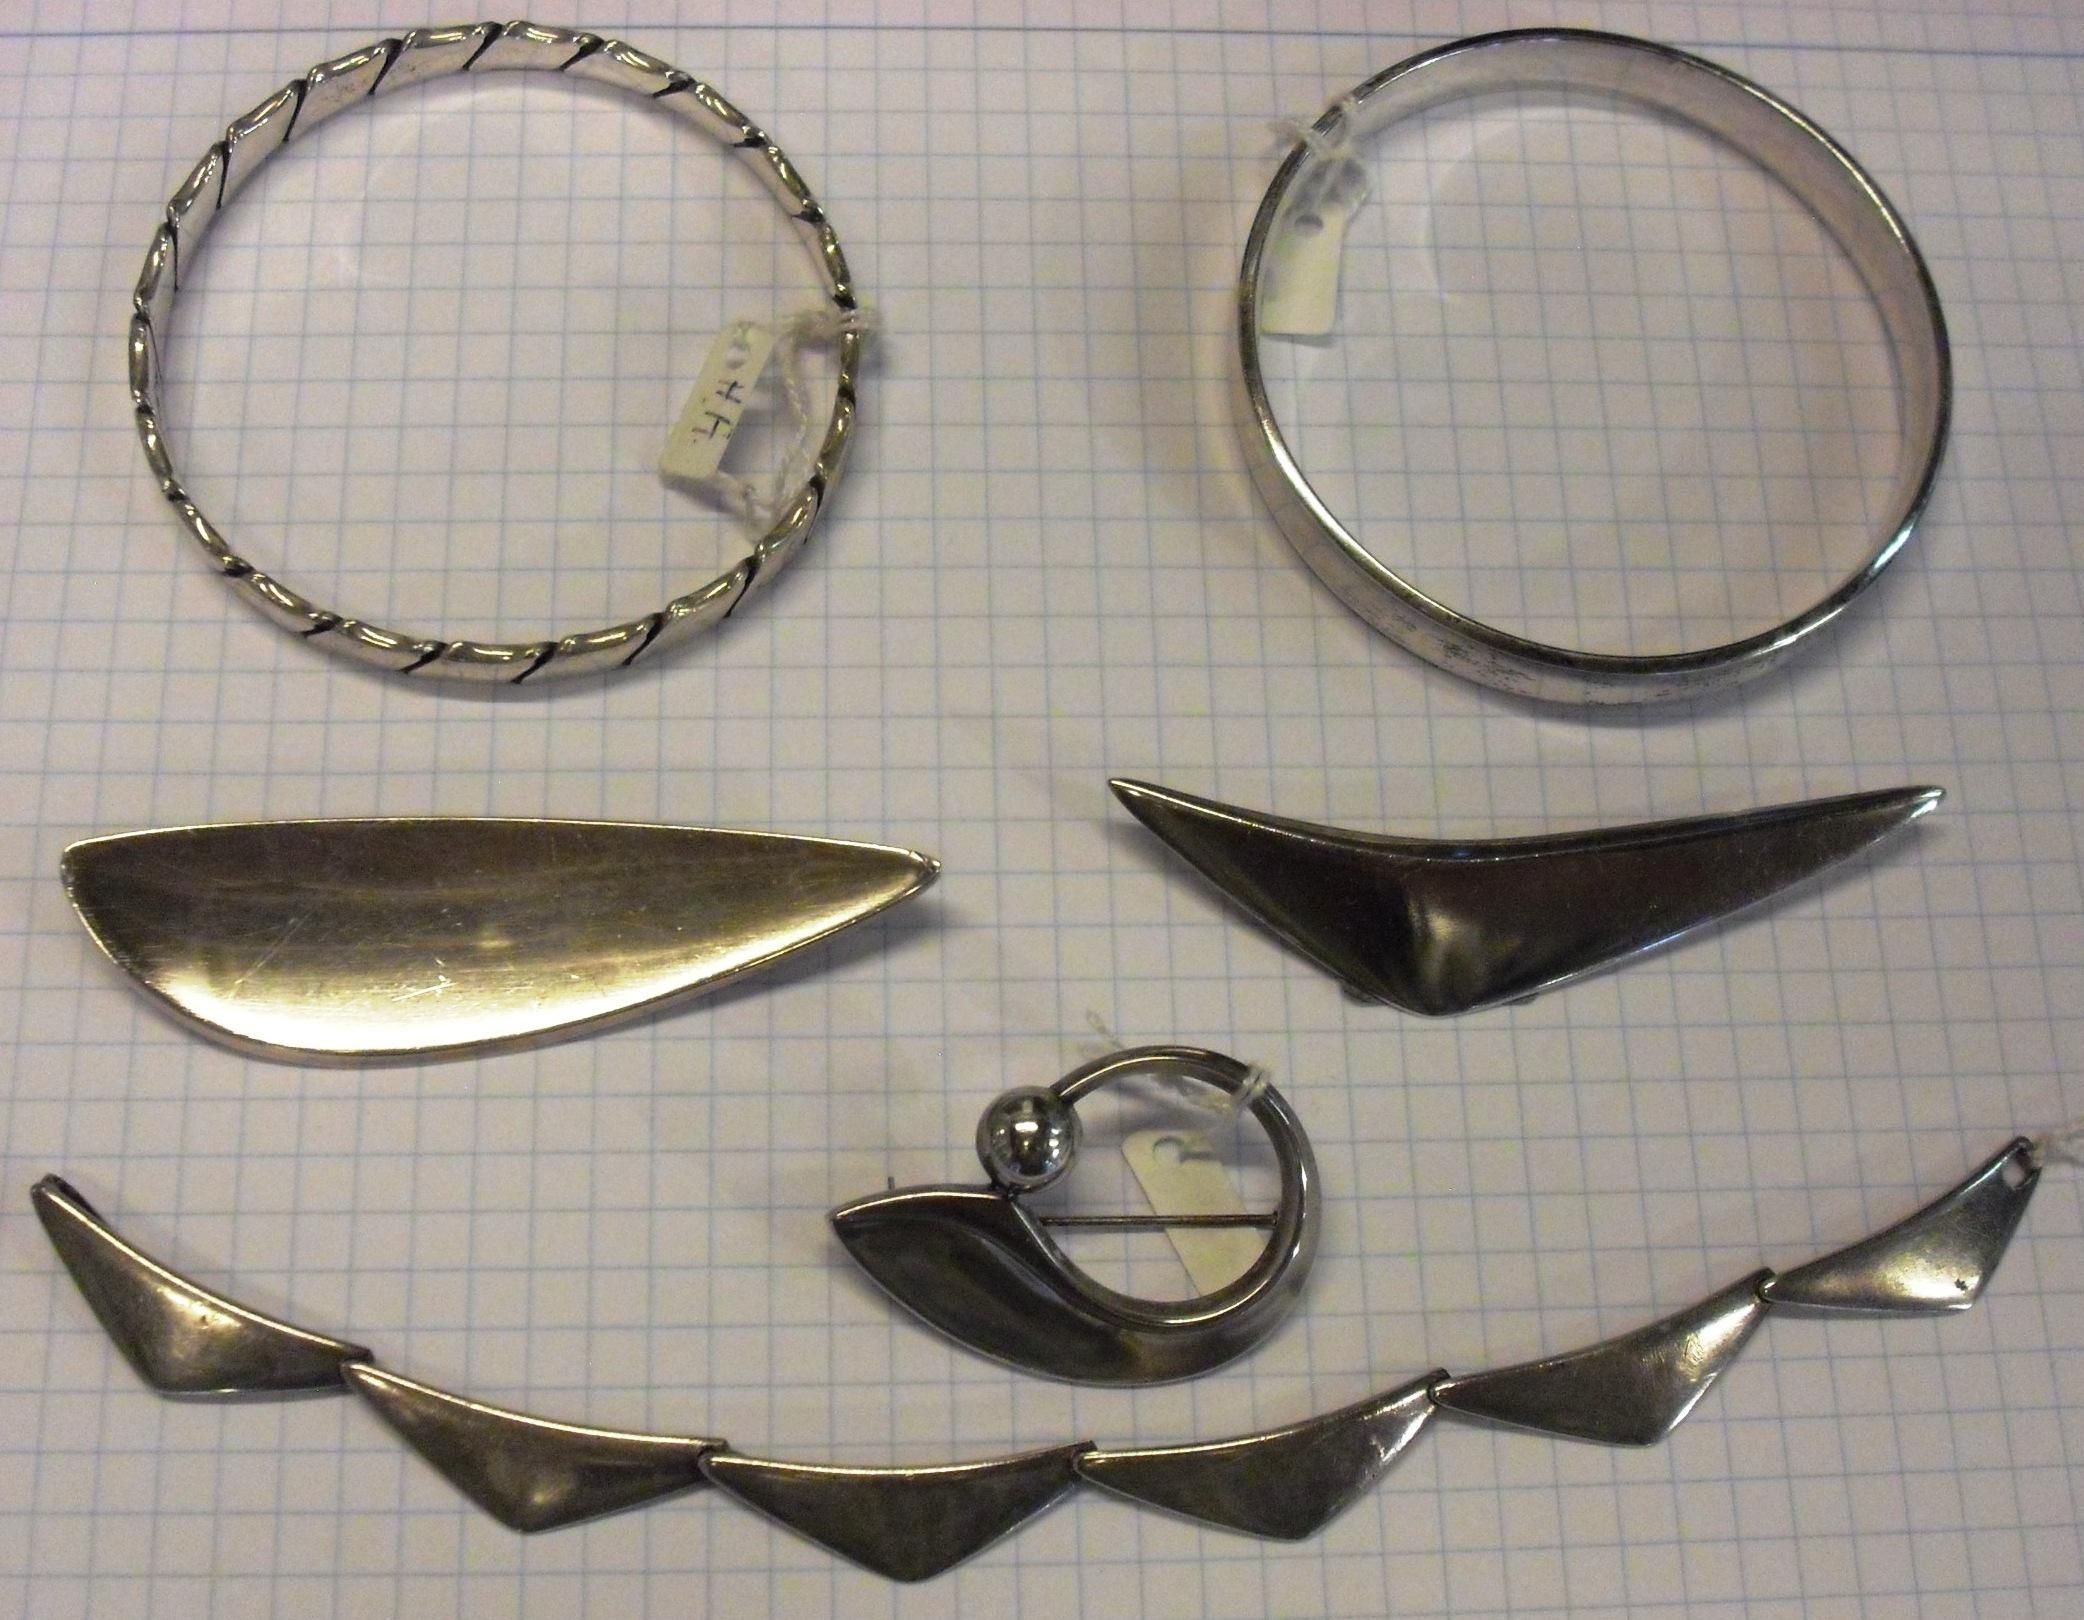 29d8454a0a5 BROCHER BROOCH SMYKKER, sølv sølvsmykker brugte gamle antikke købes ...